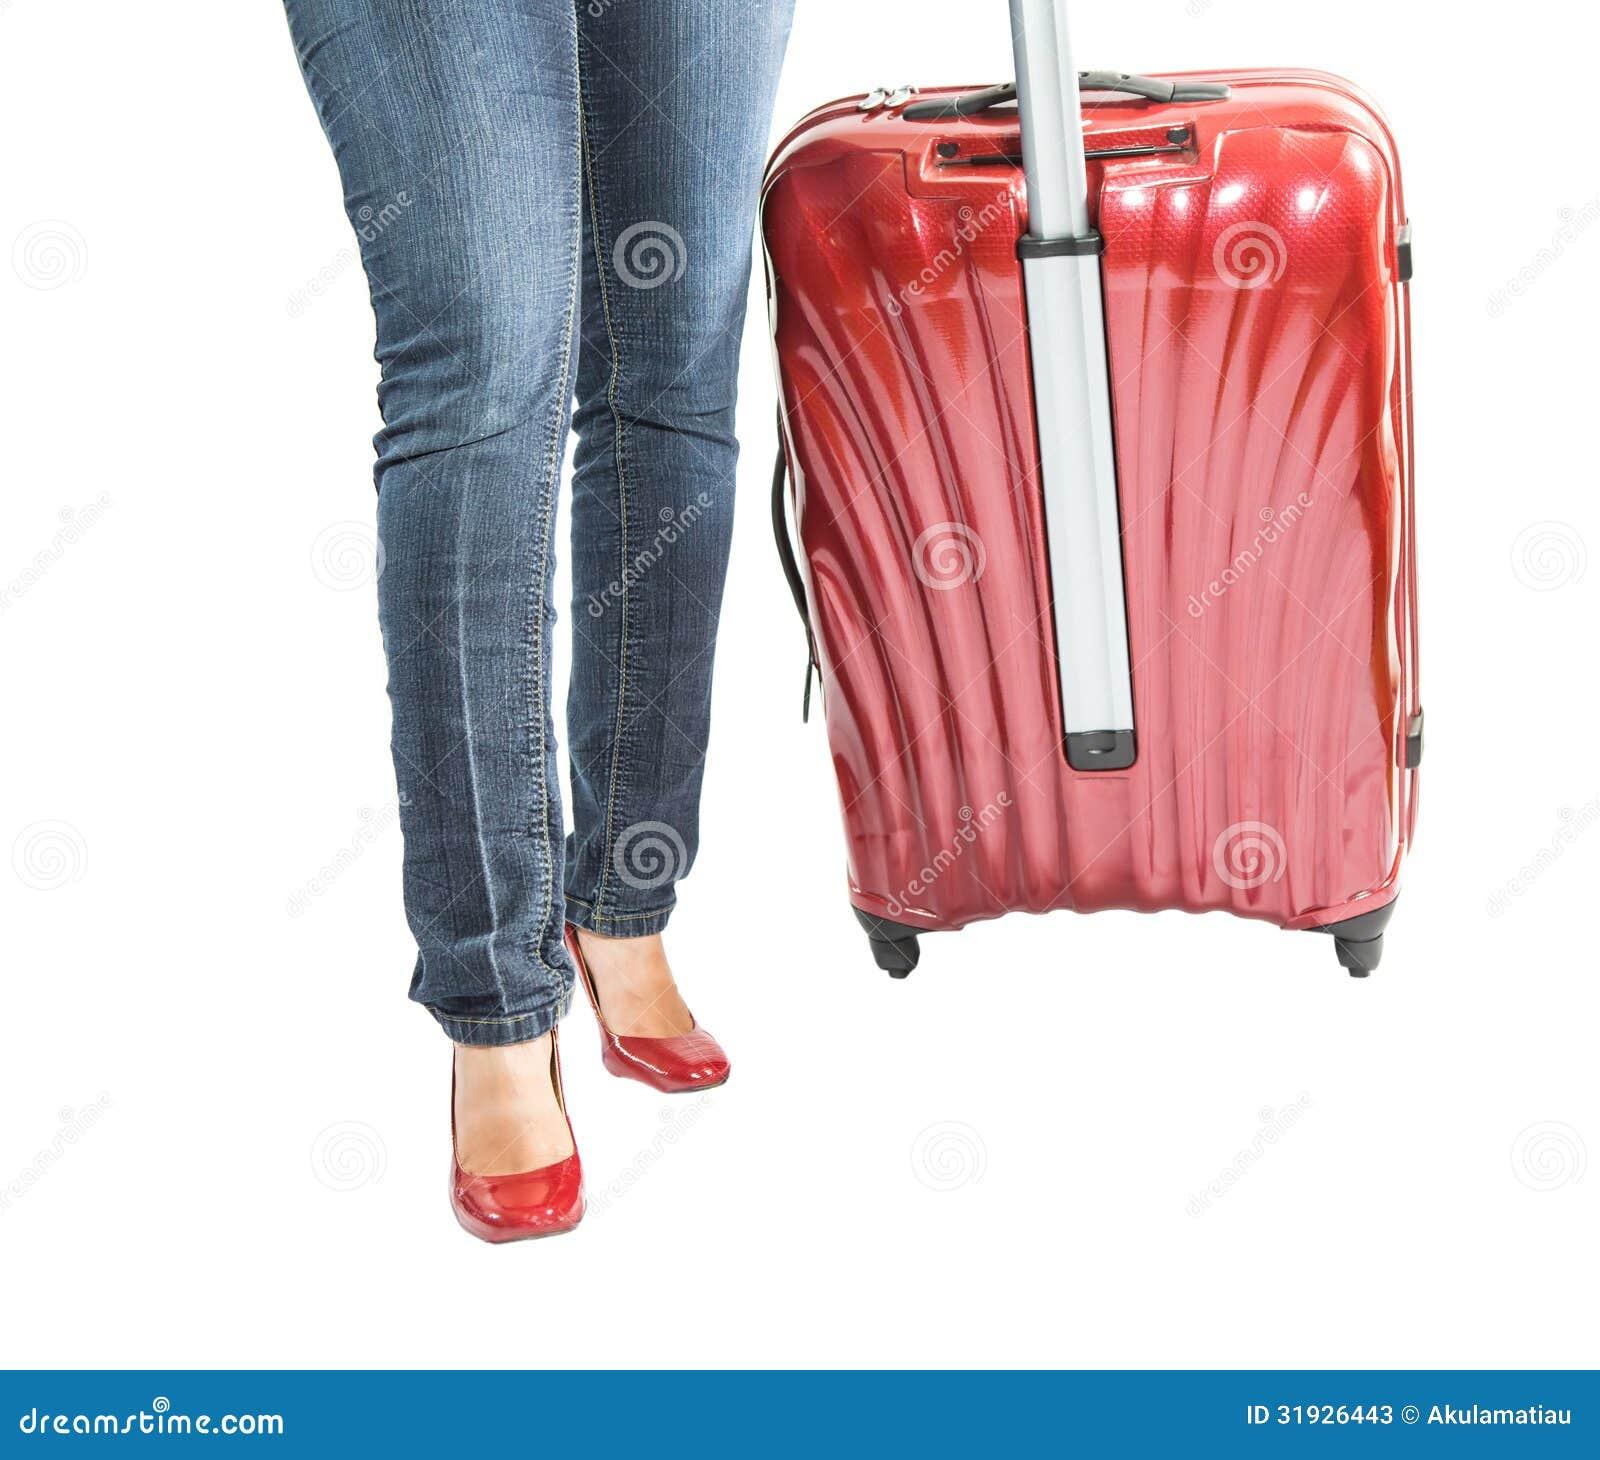 Female and Luggage Bag II